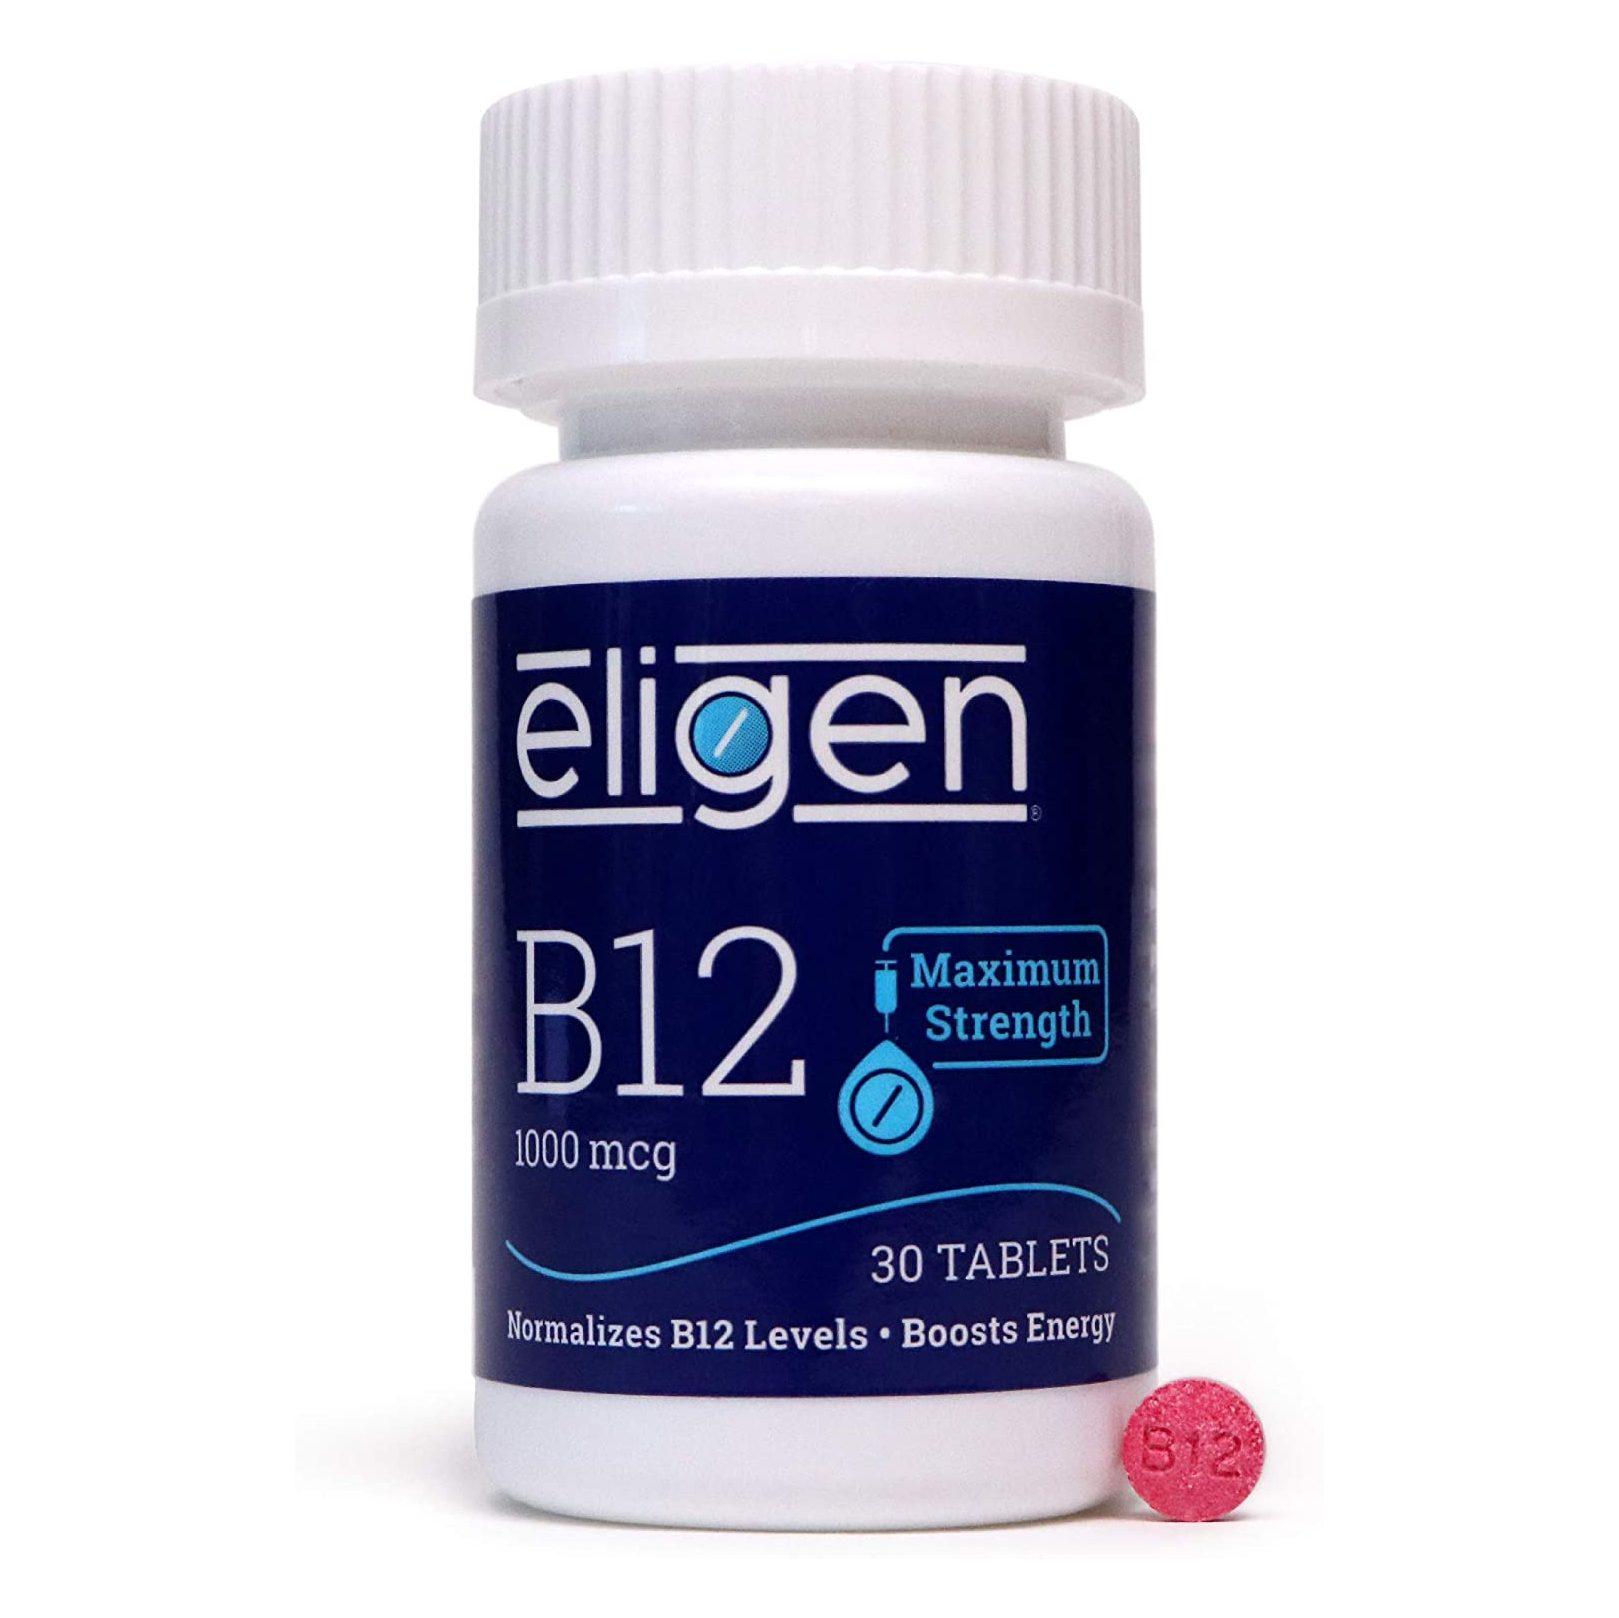 Eligen Vitamin B12 1000 mcg